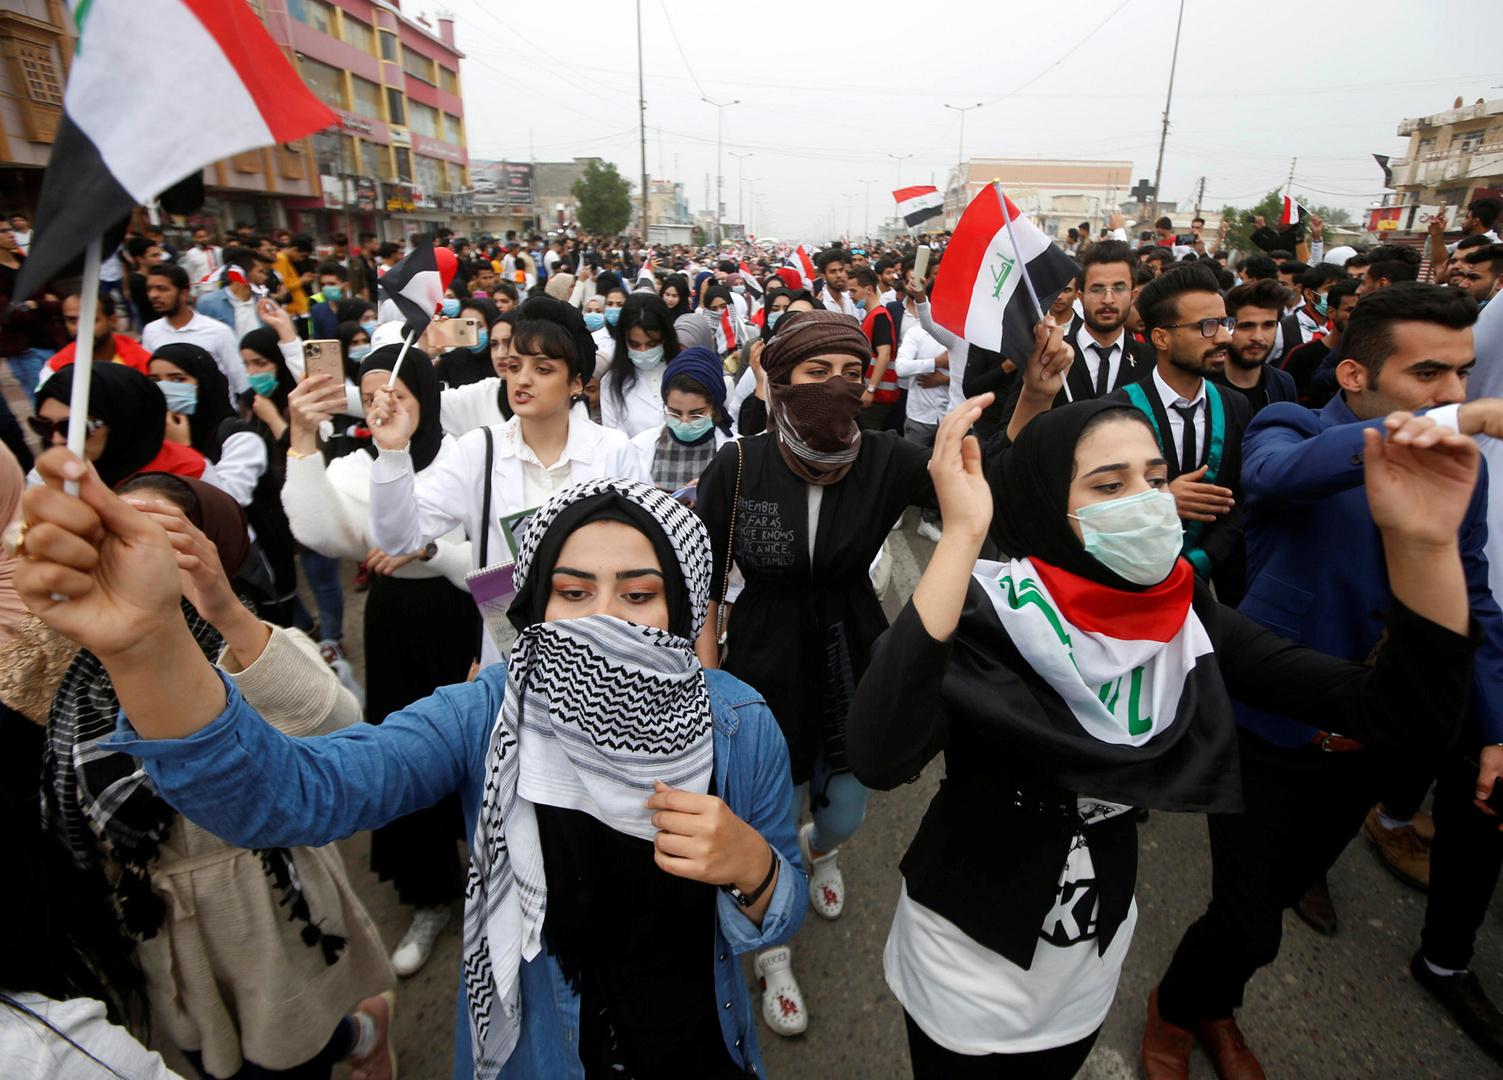 مظاهرة طلابية مناهضة للحكومة في مدينة البصرة العراقية